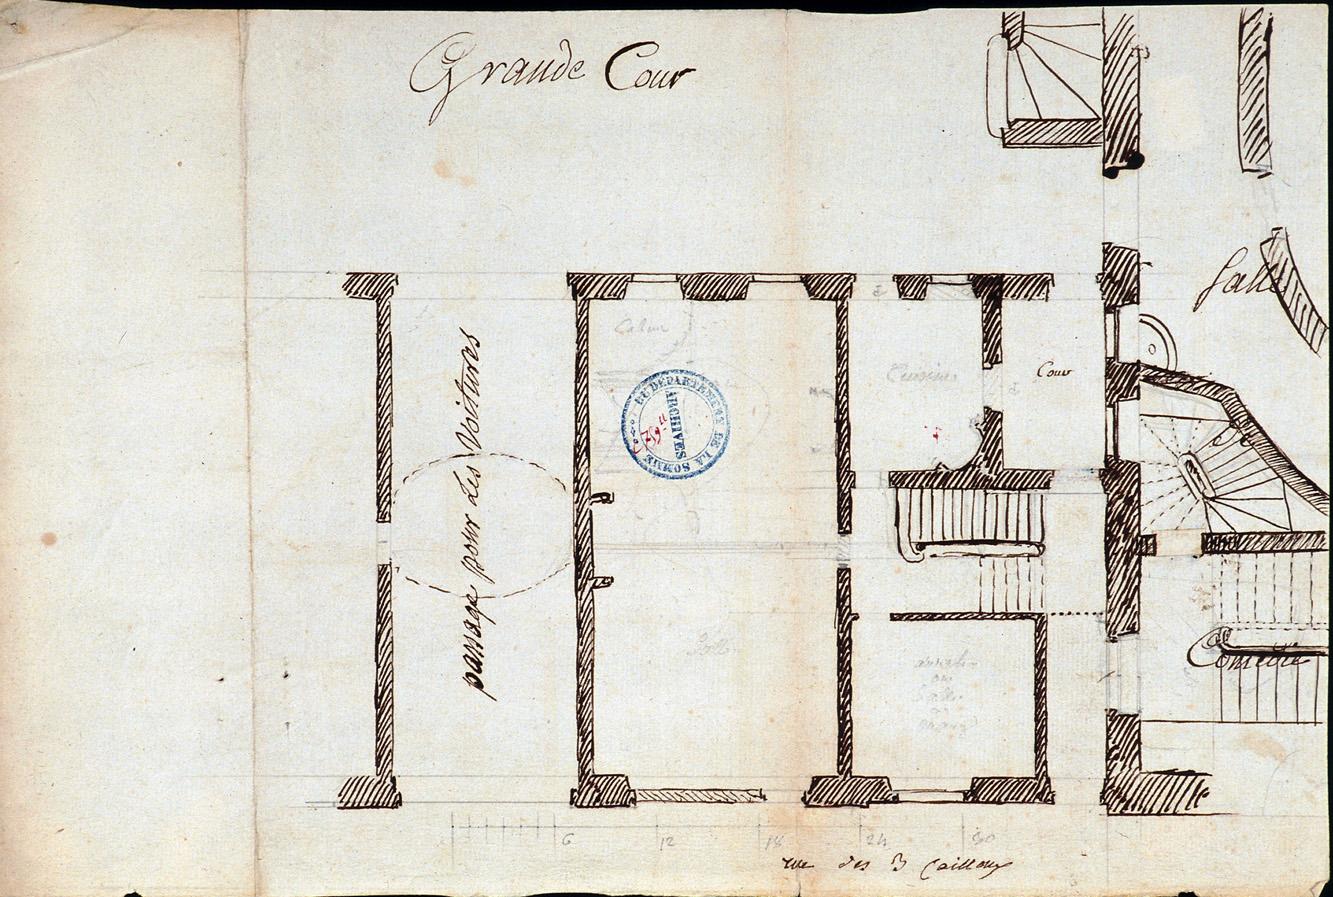 Logis du Roy à Amiens. Plan des bâtiments sur la rue des Trois-Cailloux, figurant le passage cocher et partie du théâtre